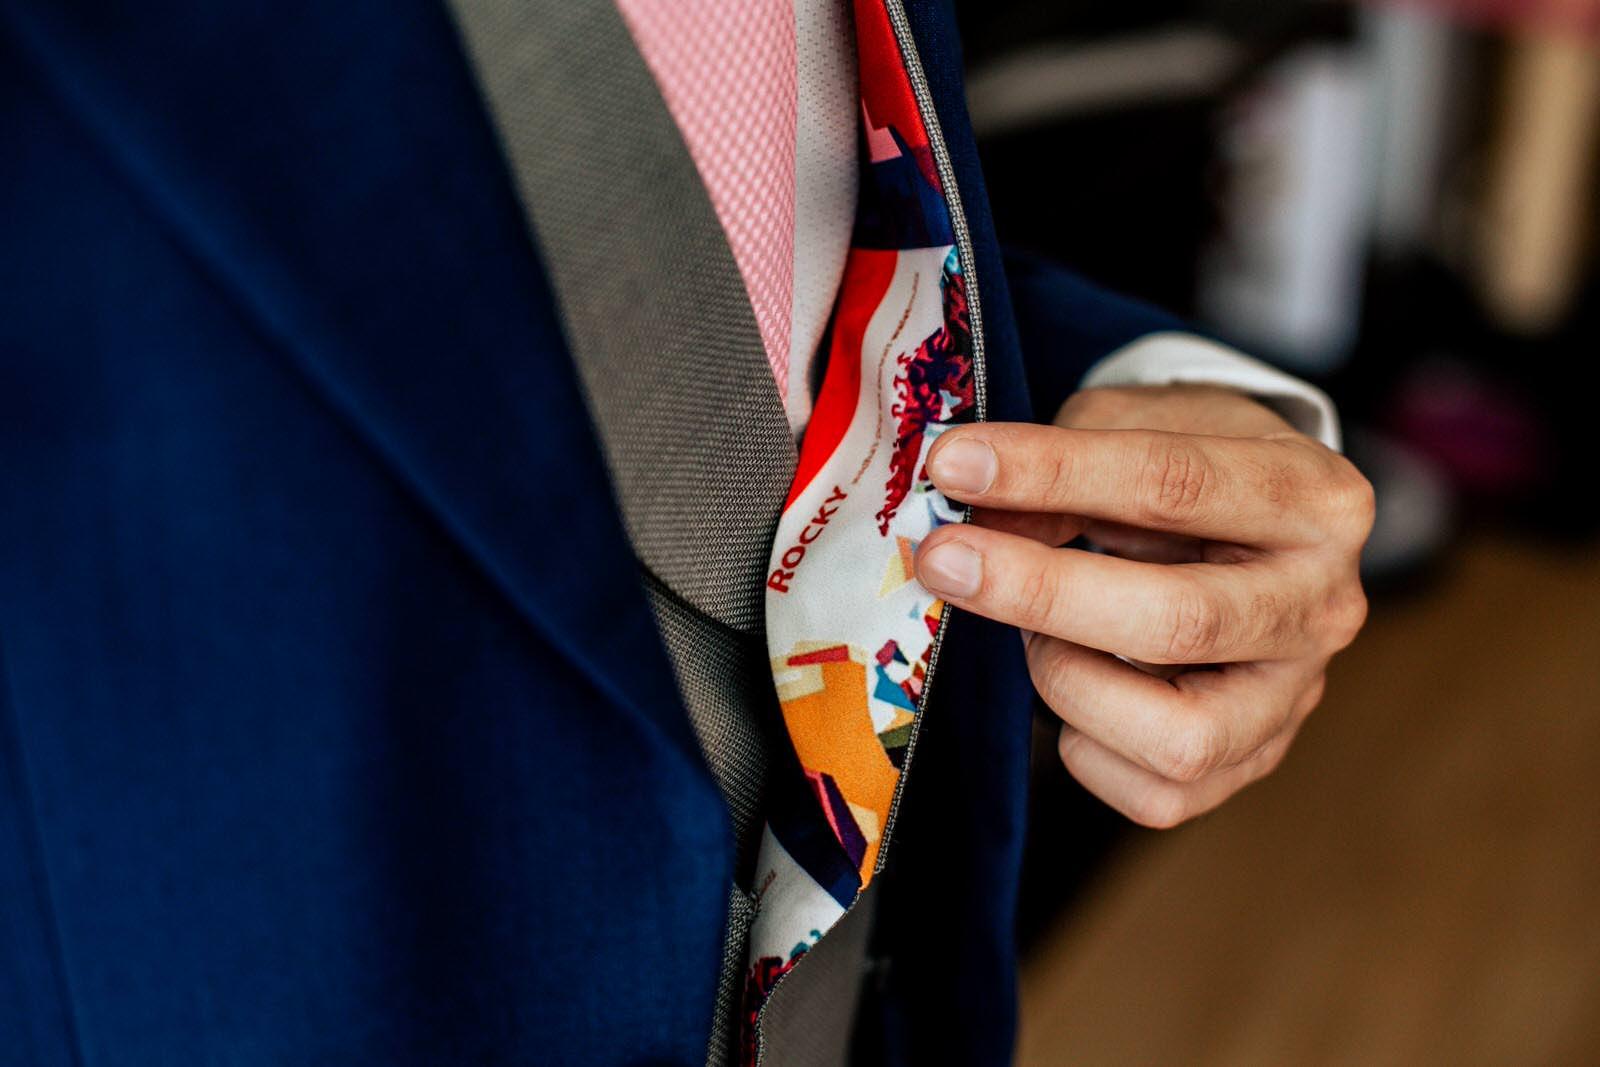 detalles de boda el novio rocky